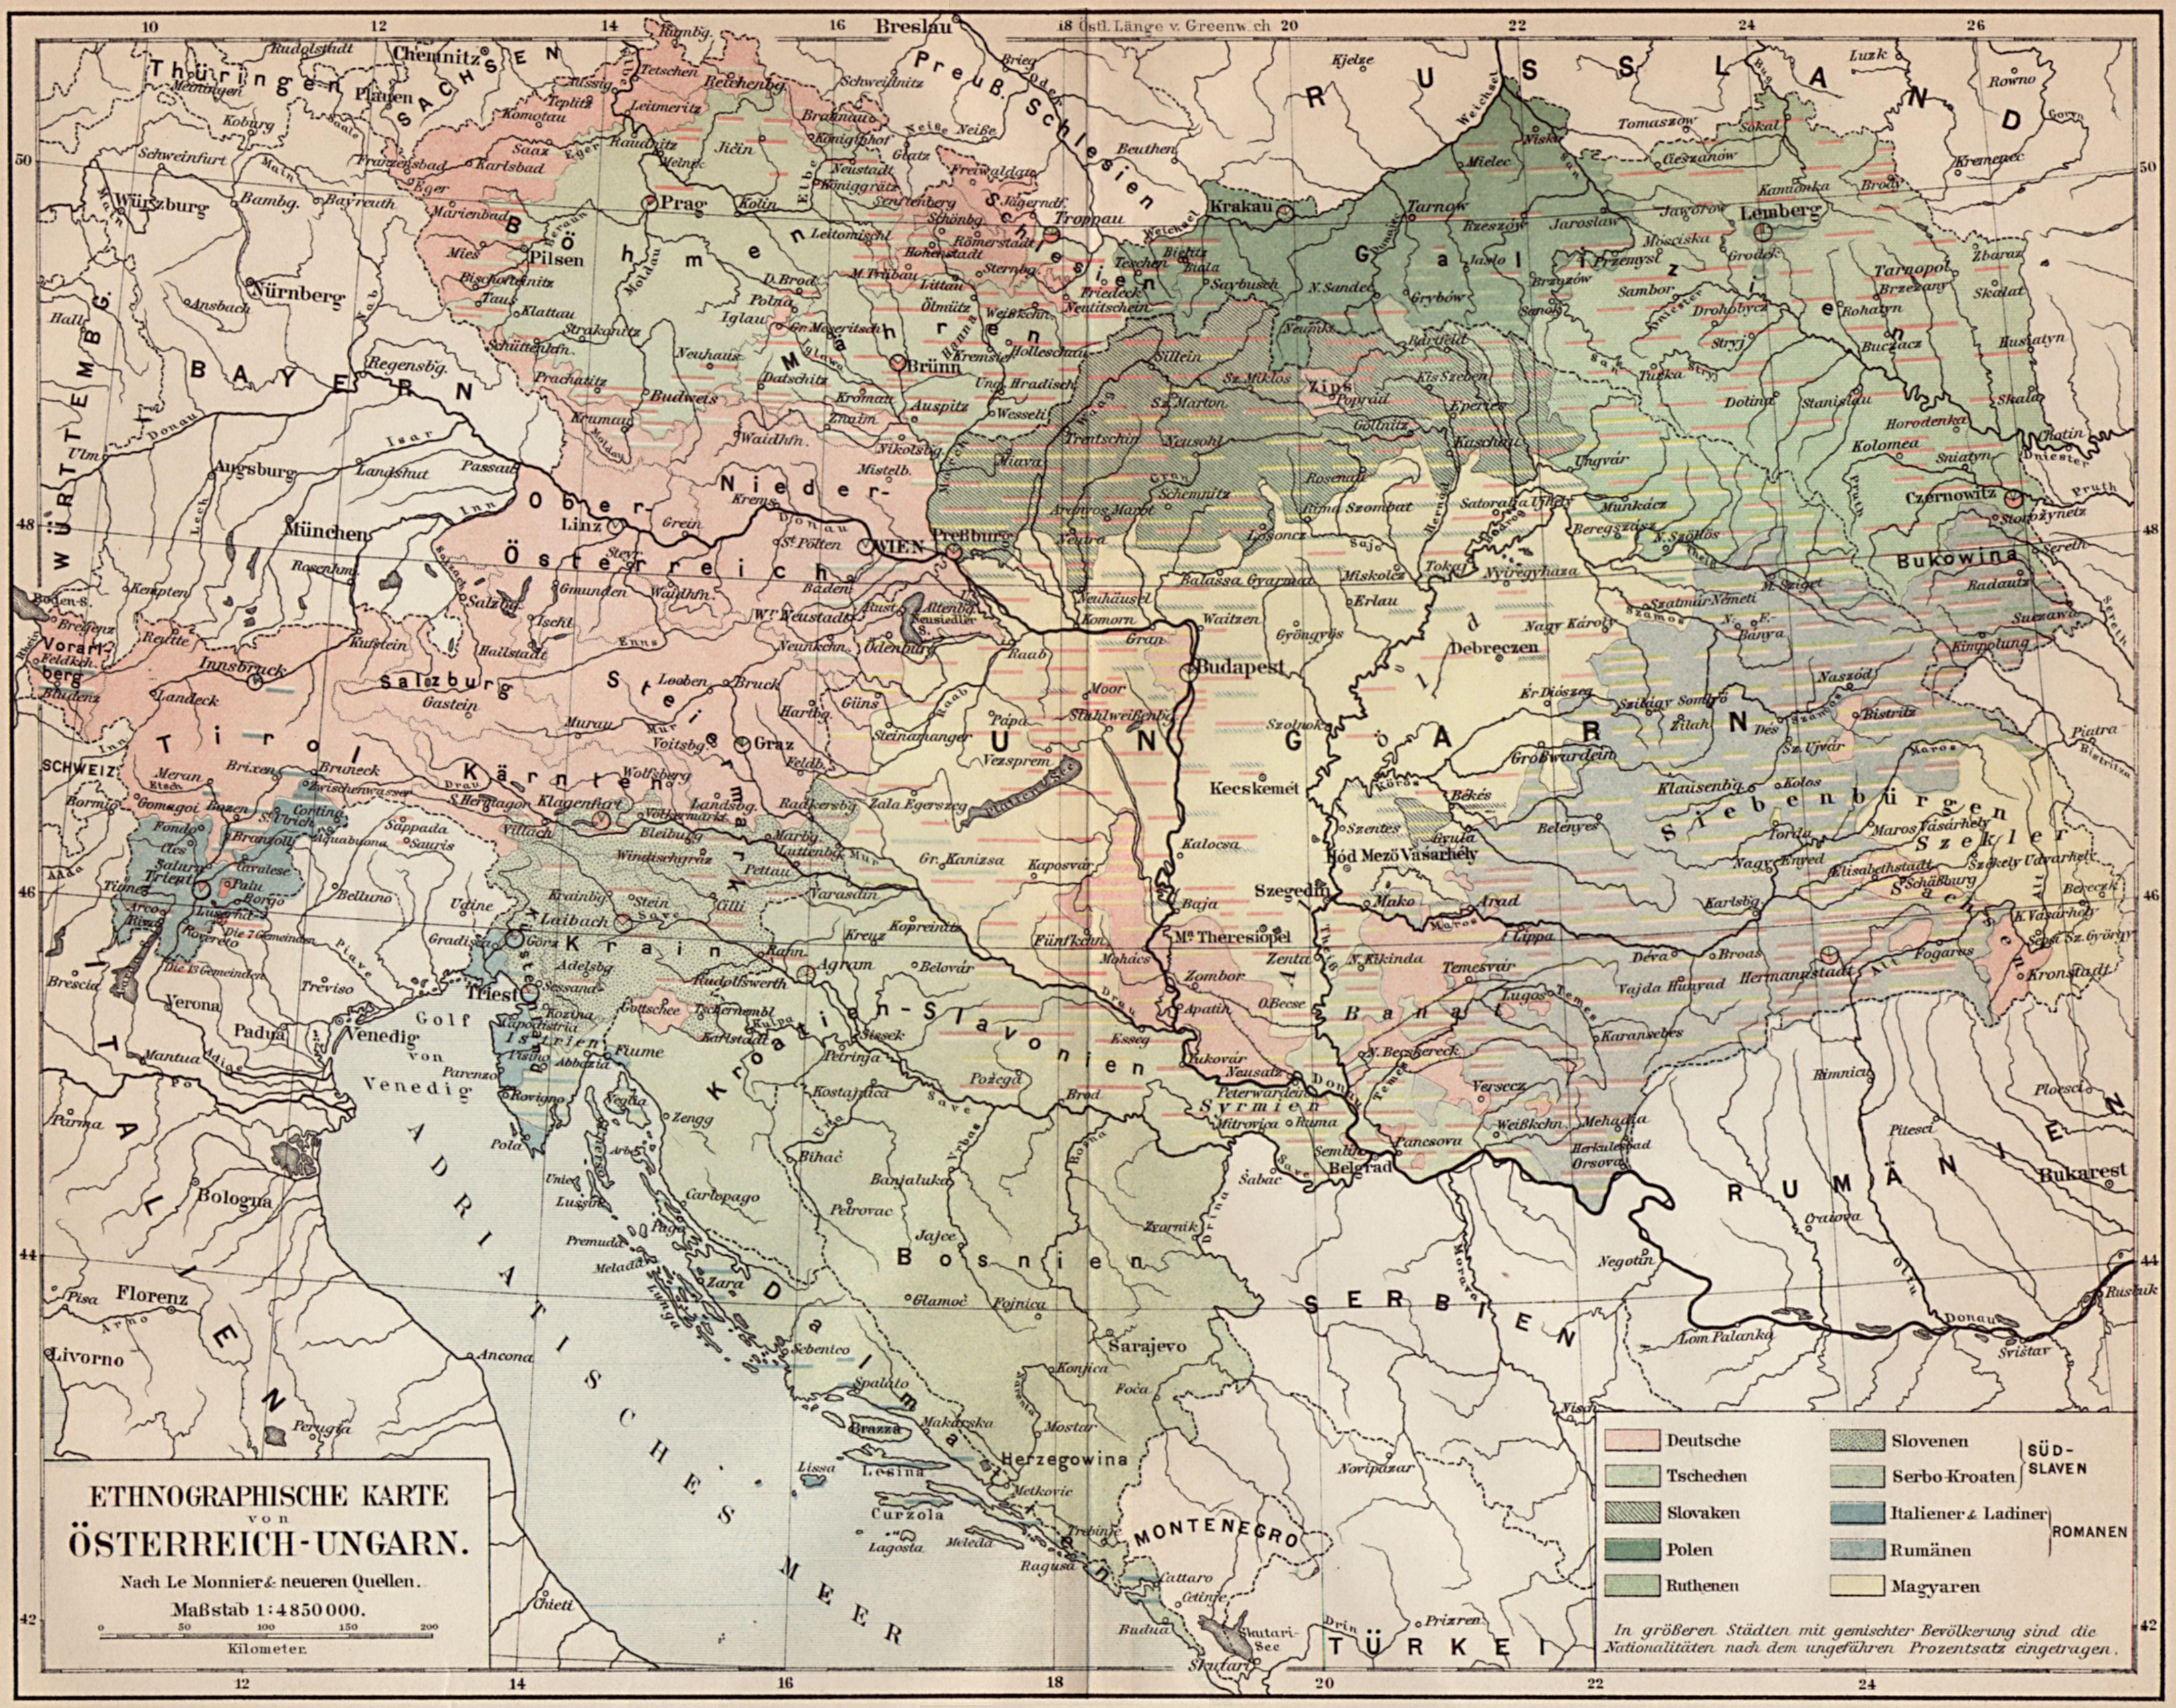 Ethnographische Karte Von Osterreich Ungarn Zeno Org